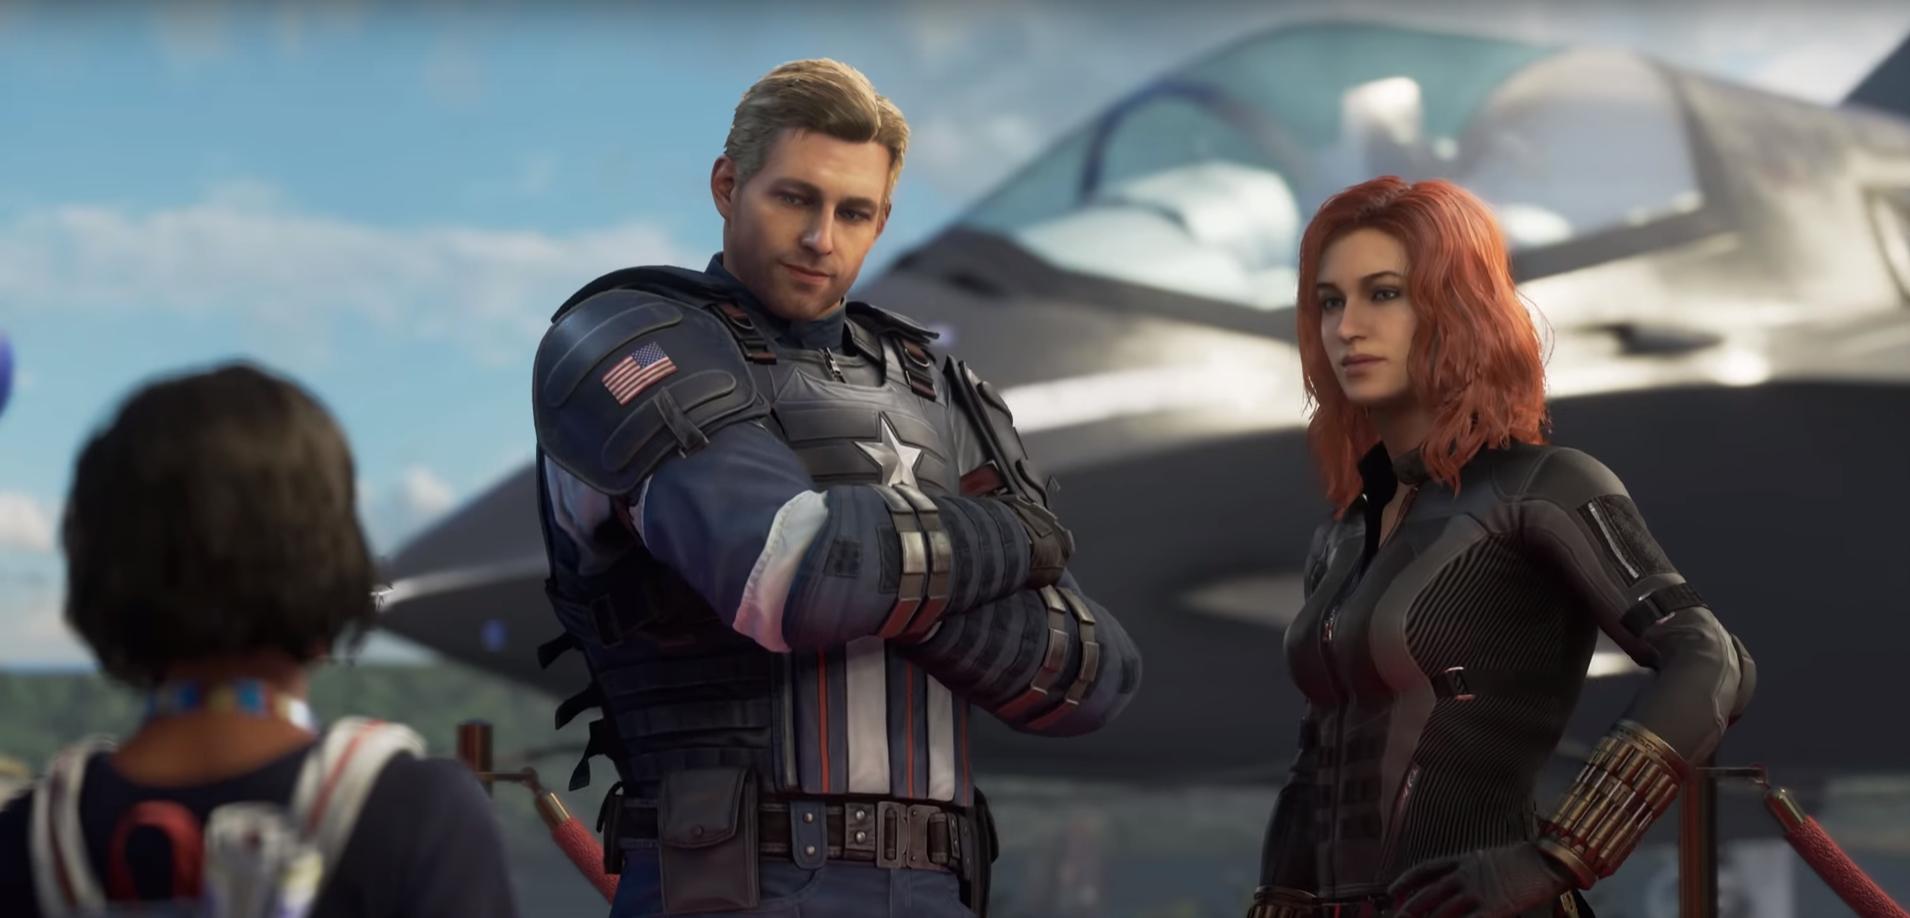 《漫威复仇者联盟》剧情受到了斯坦·李的指导 帮游戏确定人物特点